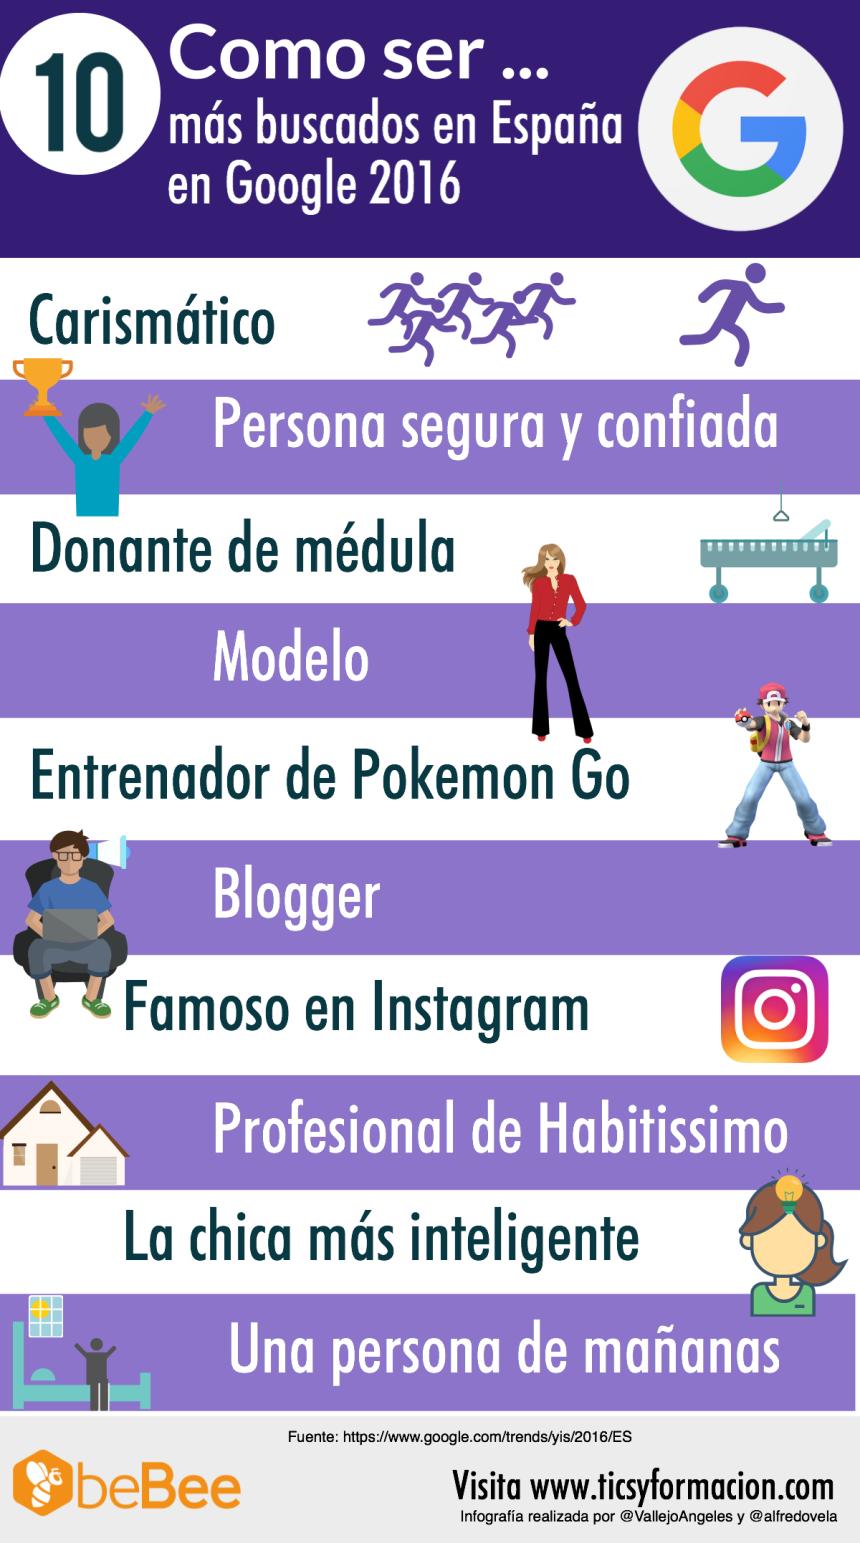 """10 """"Cómo ser"""" más buscados en Google España 2016"""